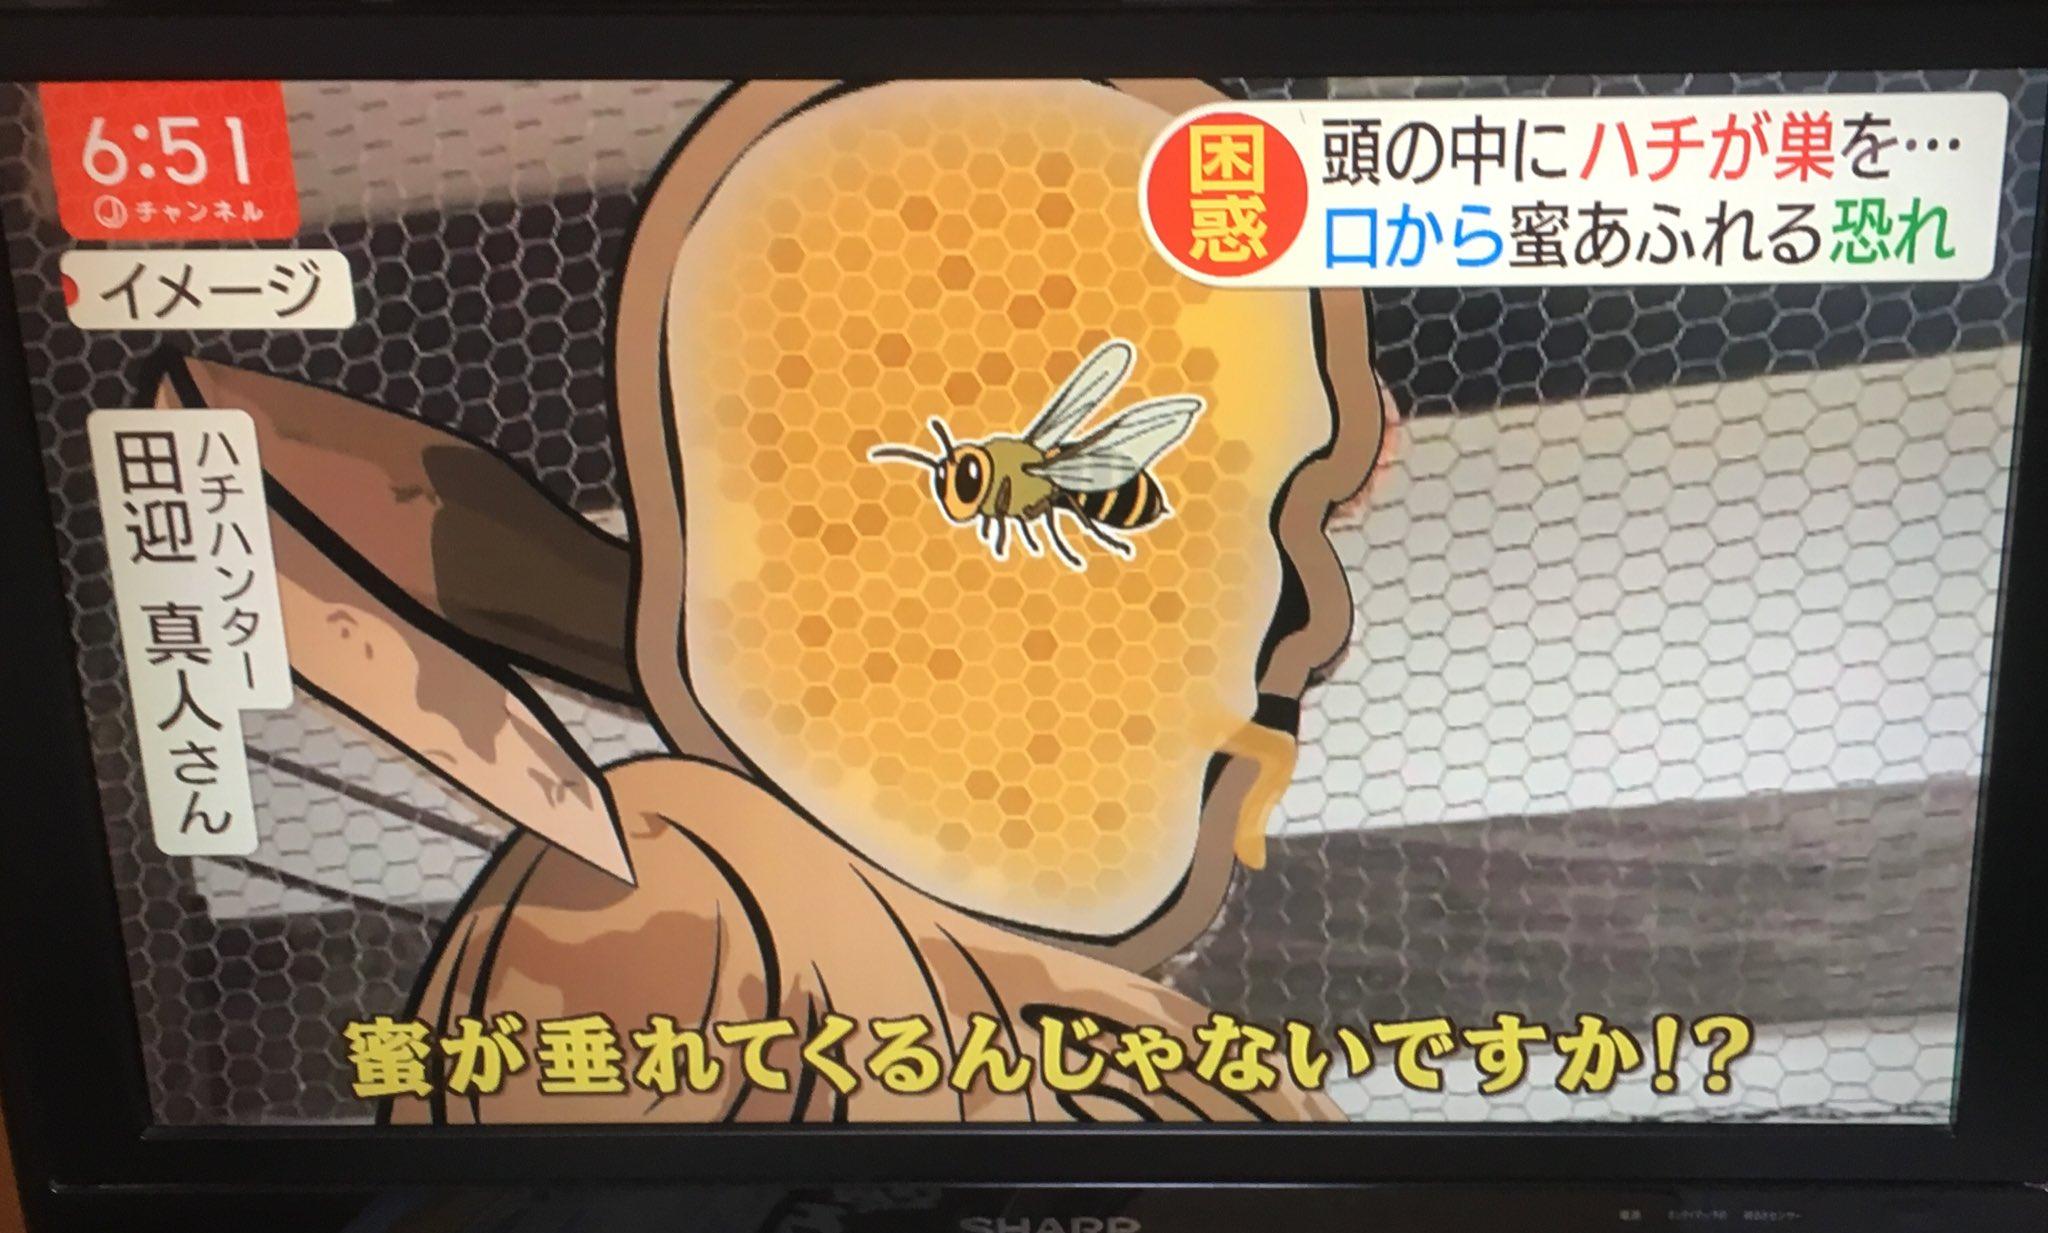 仁王の頭の中にハチの巣を作っていた!これなら天敵は誰もいない!